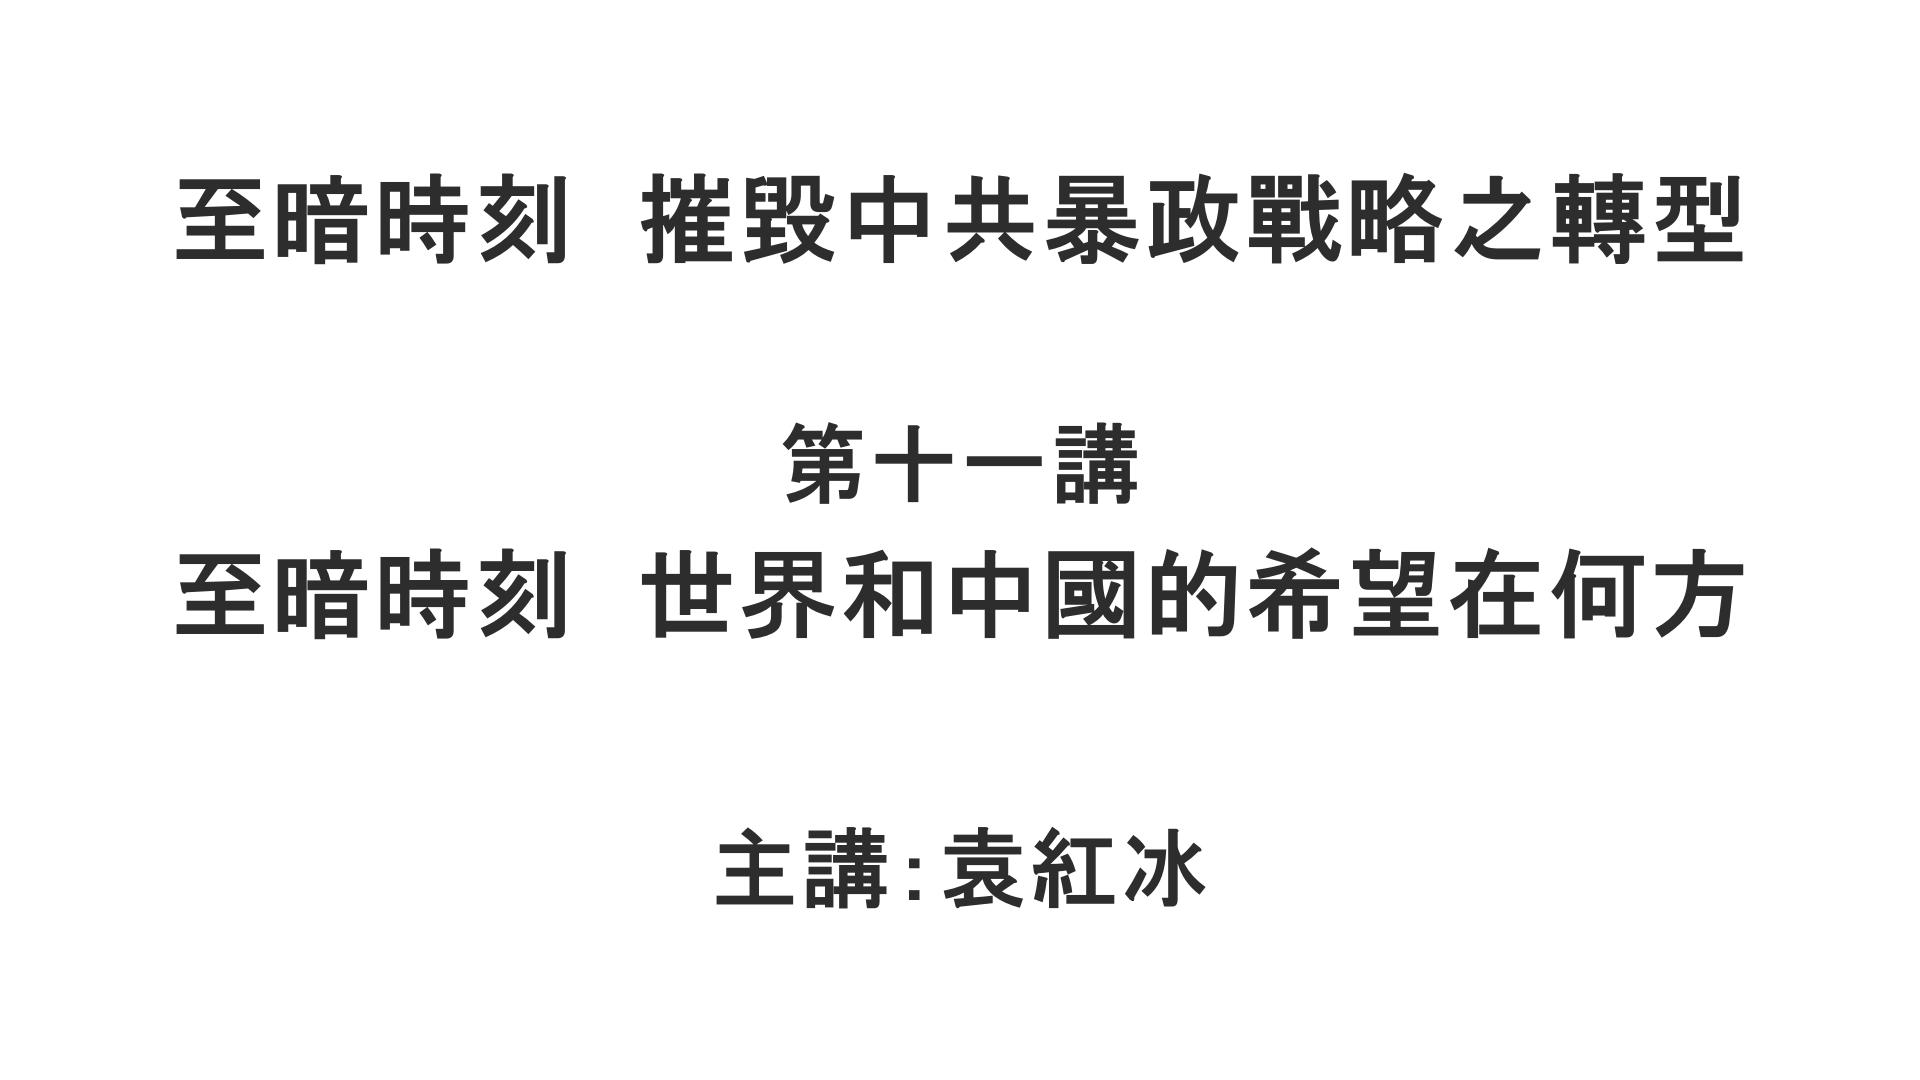 YuanHongBing-ZongLun-4-11-03162021